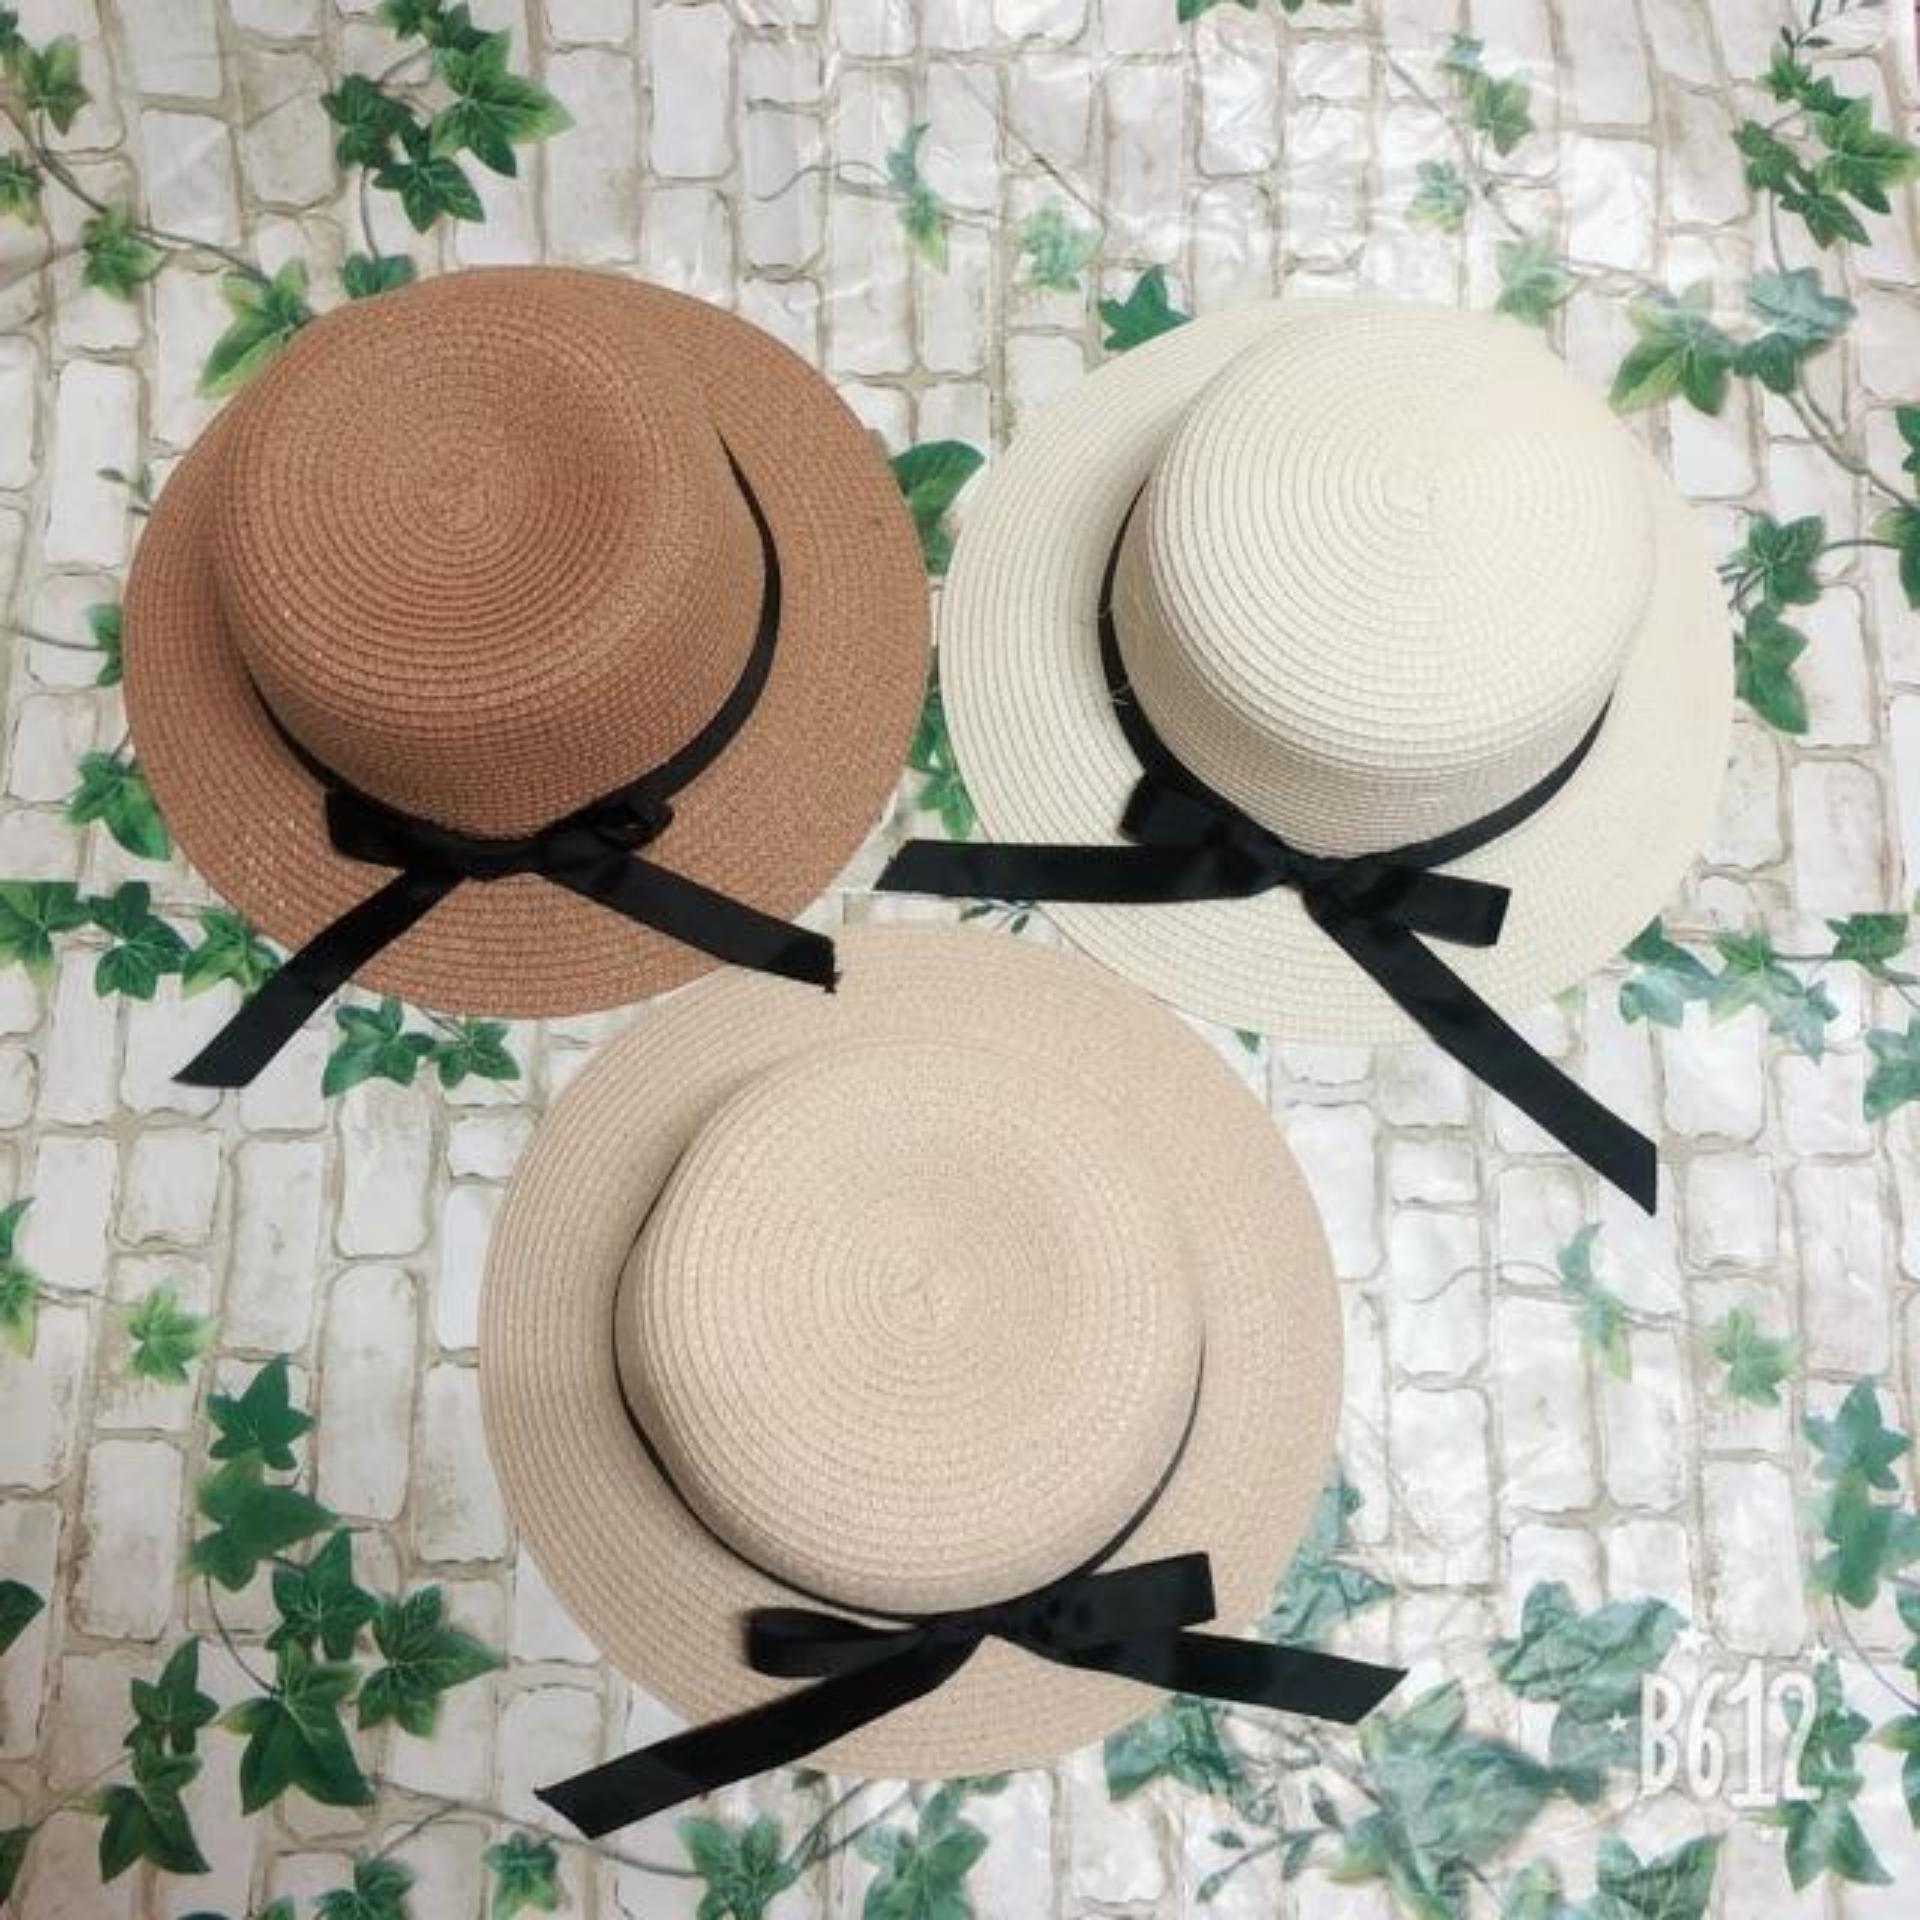 Mũ cói rộng vành, nón cói đi biển,du lịch thắt nơ siêu xinh, dễ thương (nhiều mẫu trong shop)